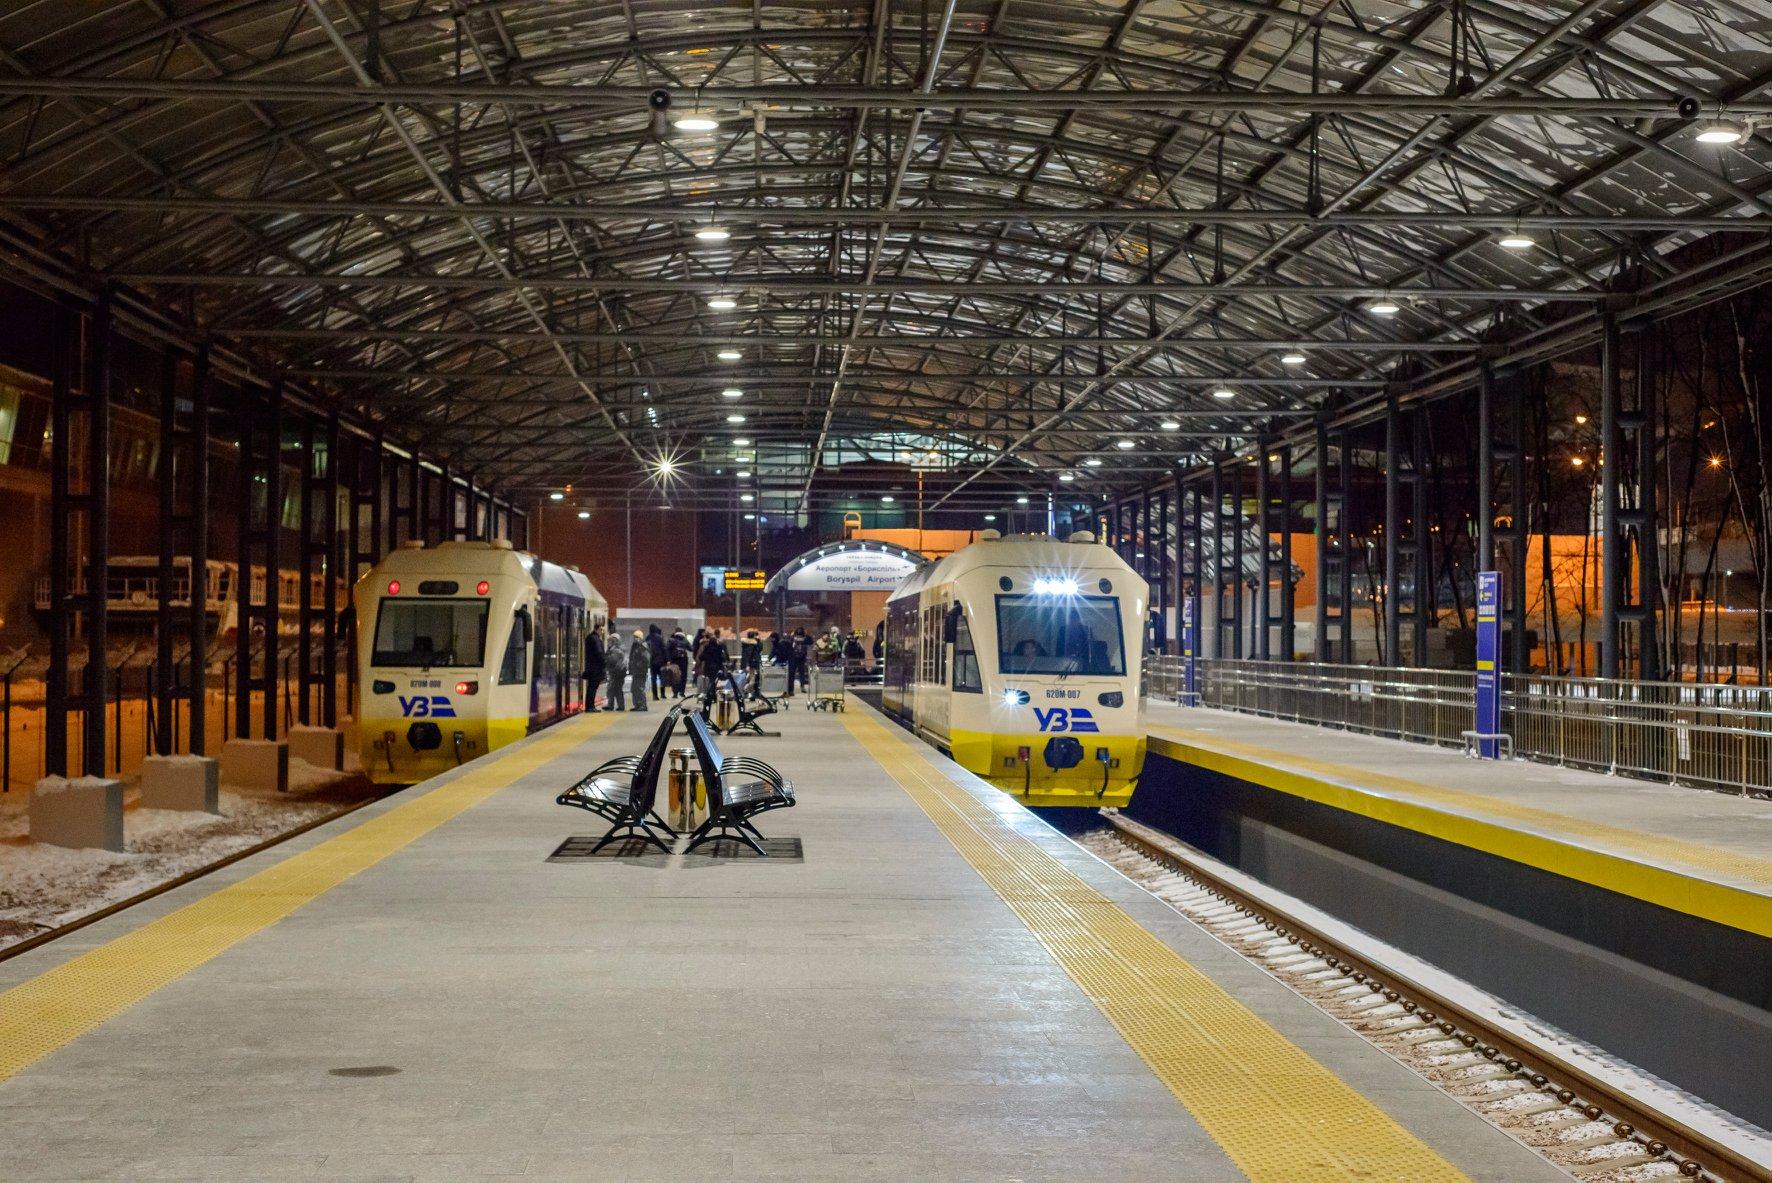 Вночі курсуватиме додатковий рейс Kyiv Boryspil Express -  - 50862037 2314139541953154 3118773889056899072 o